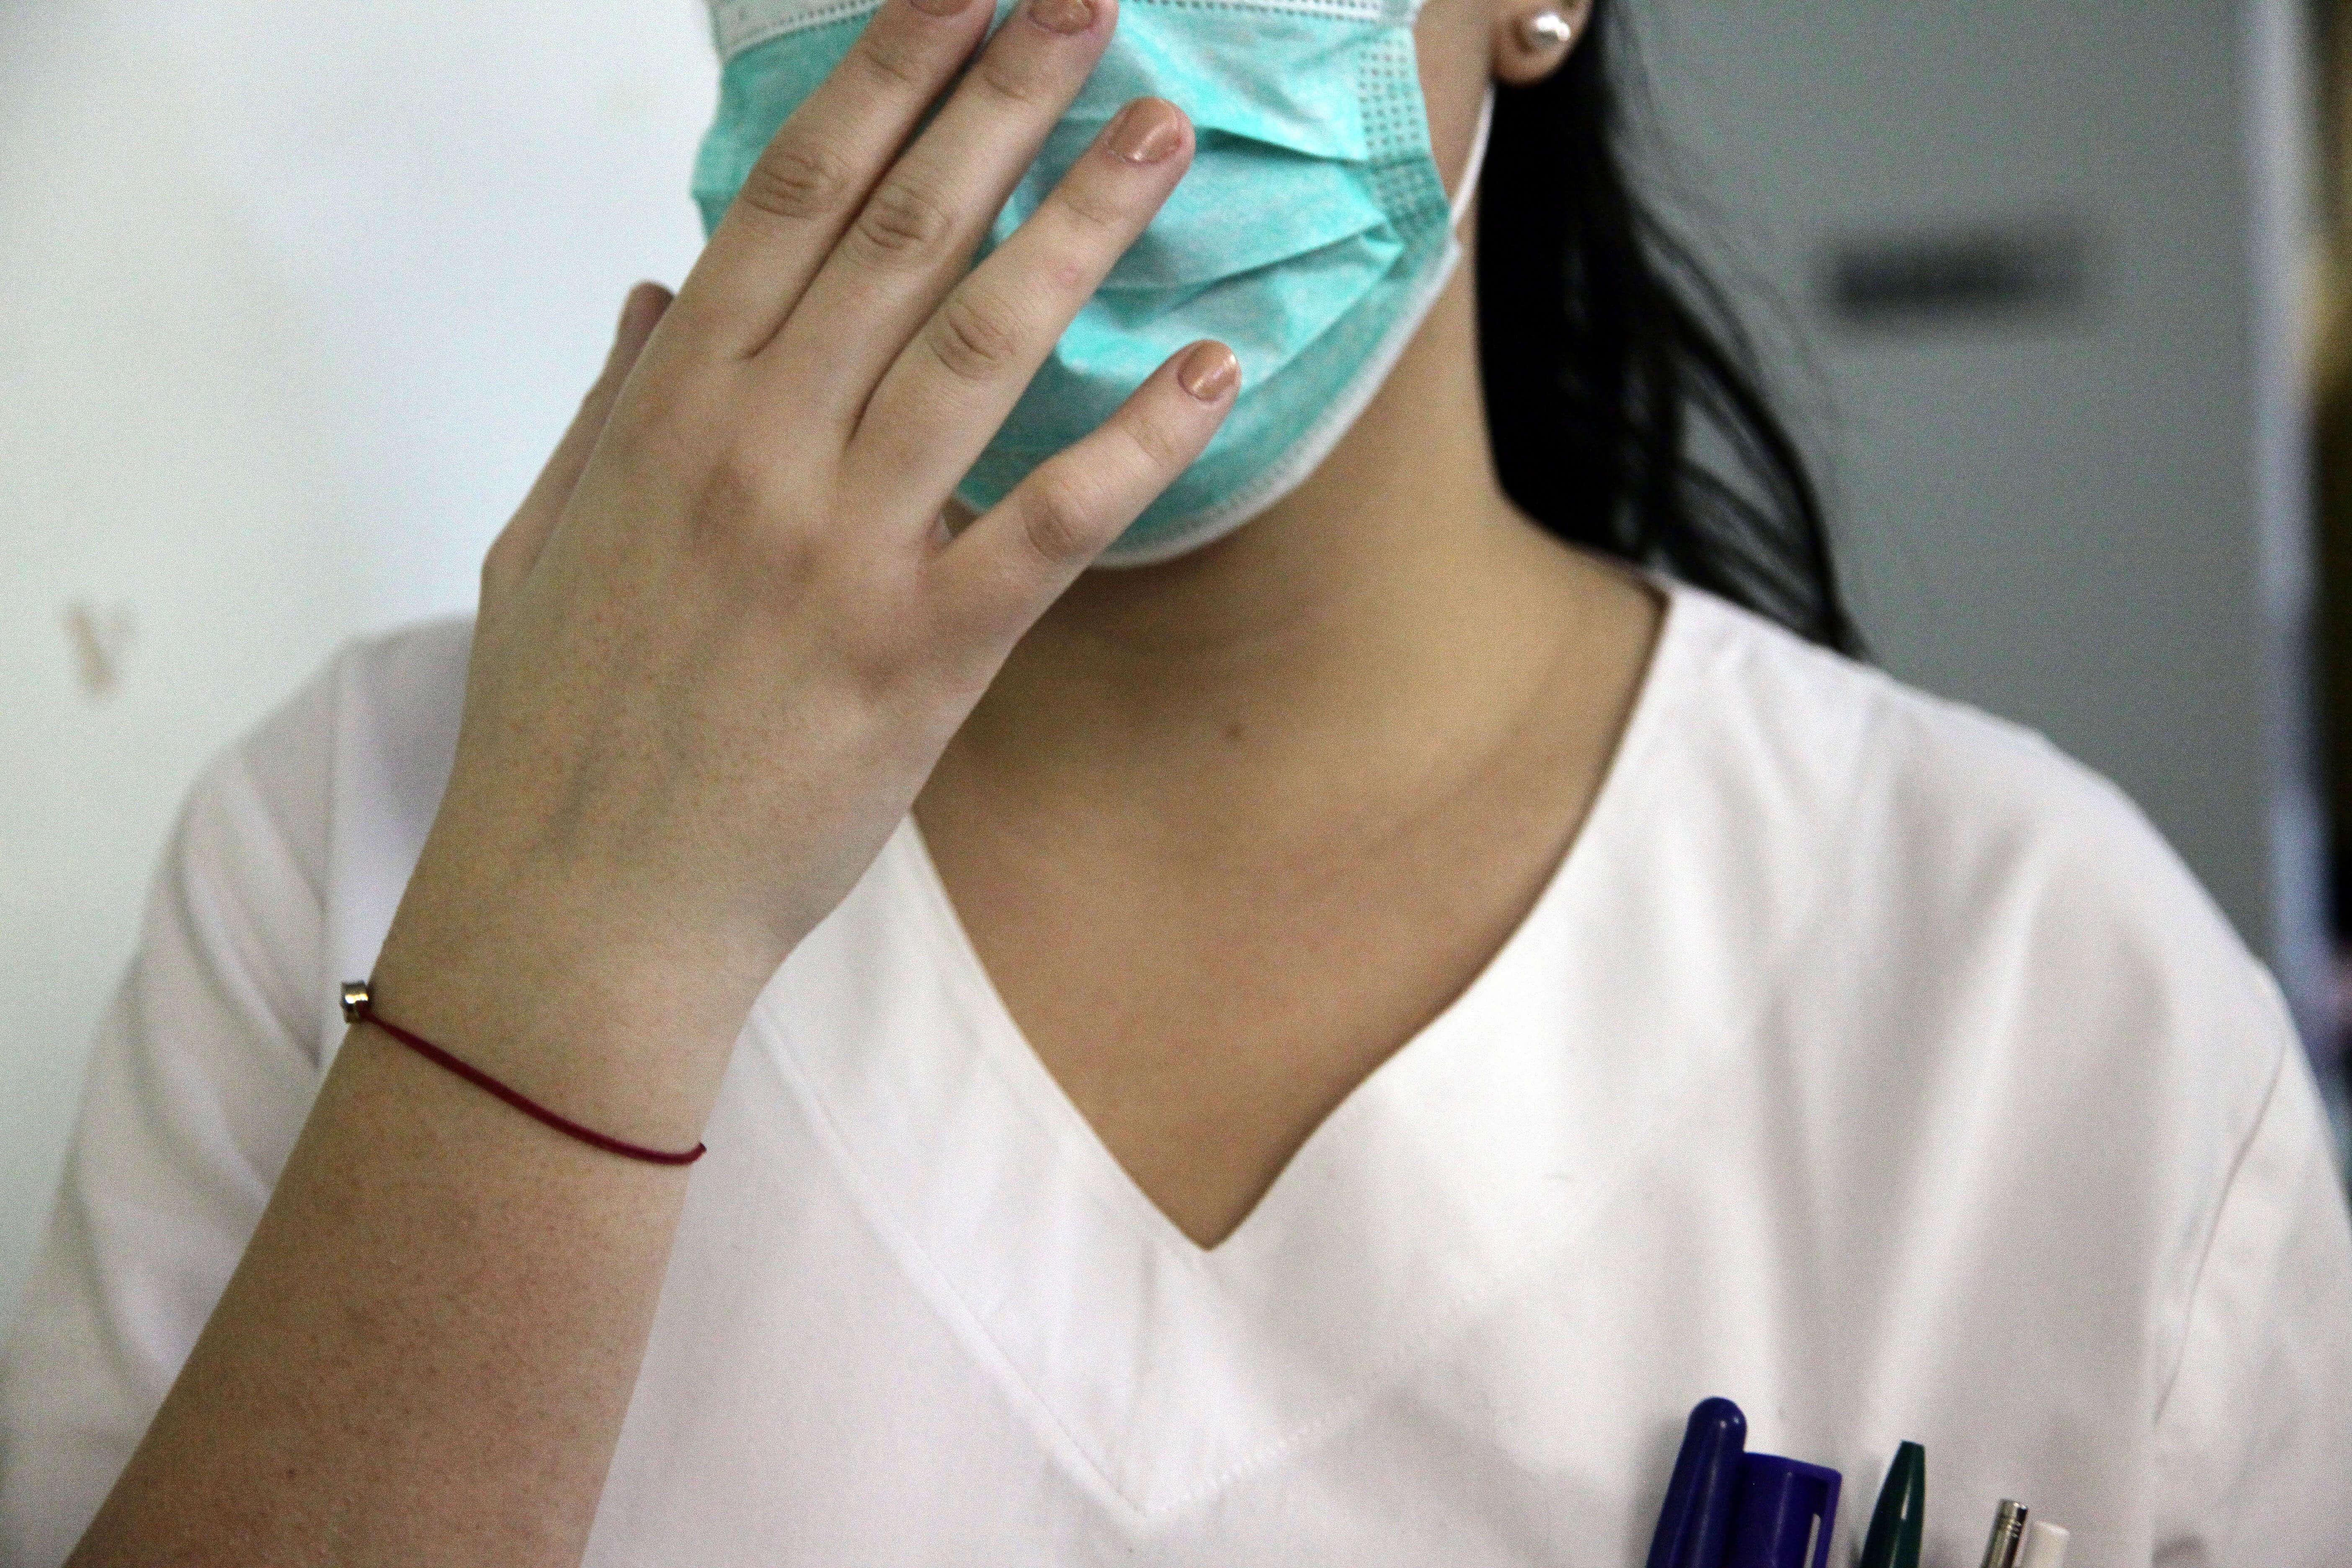 ΚΕΕΛΠΝΟ: 39 οι νεκροί από τη γρίπη – Ανάμεσά τους δυο παιδιά